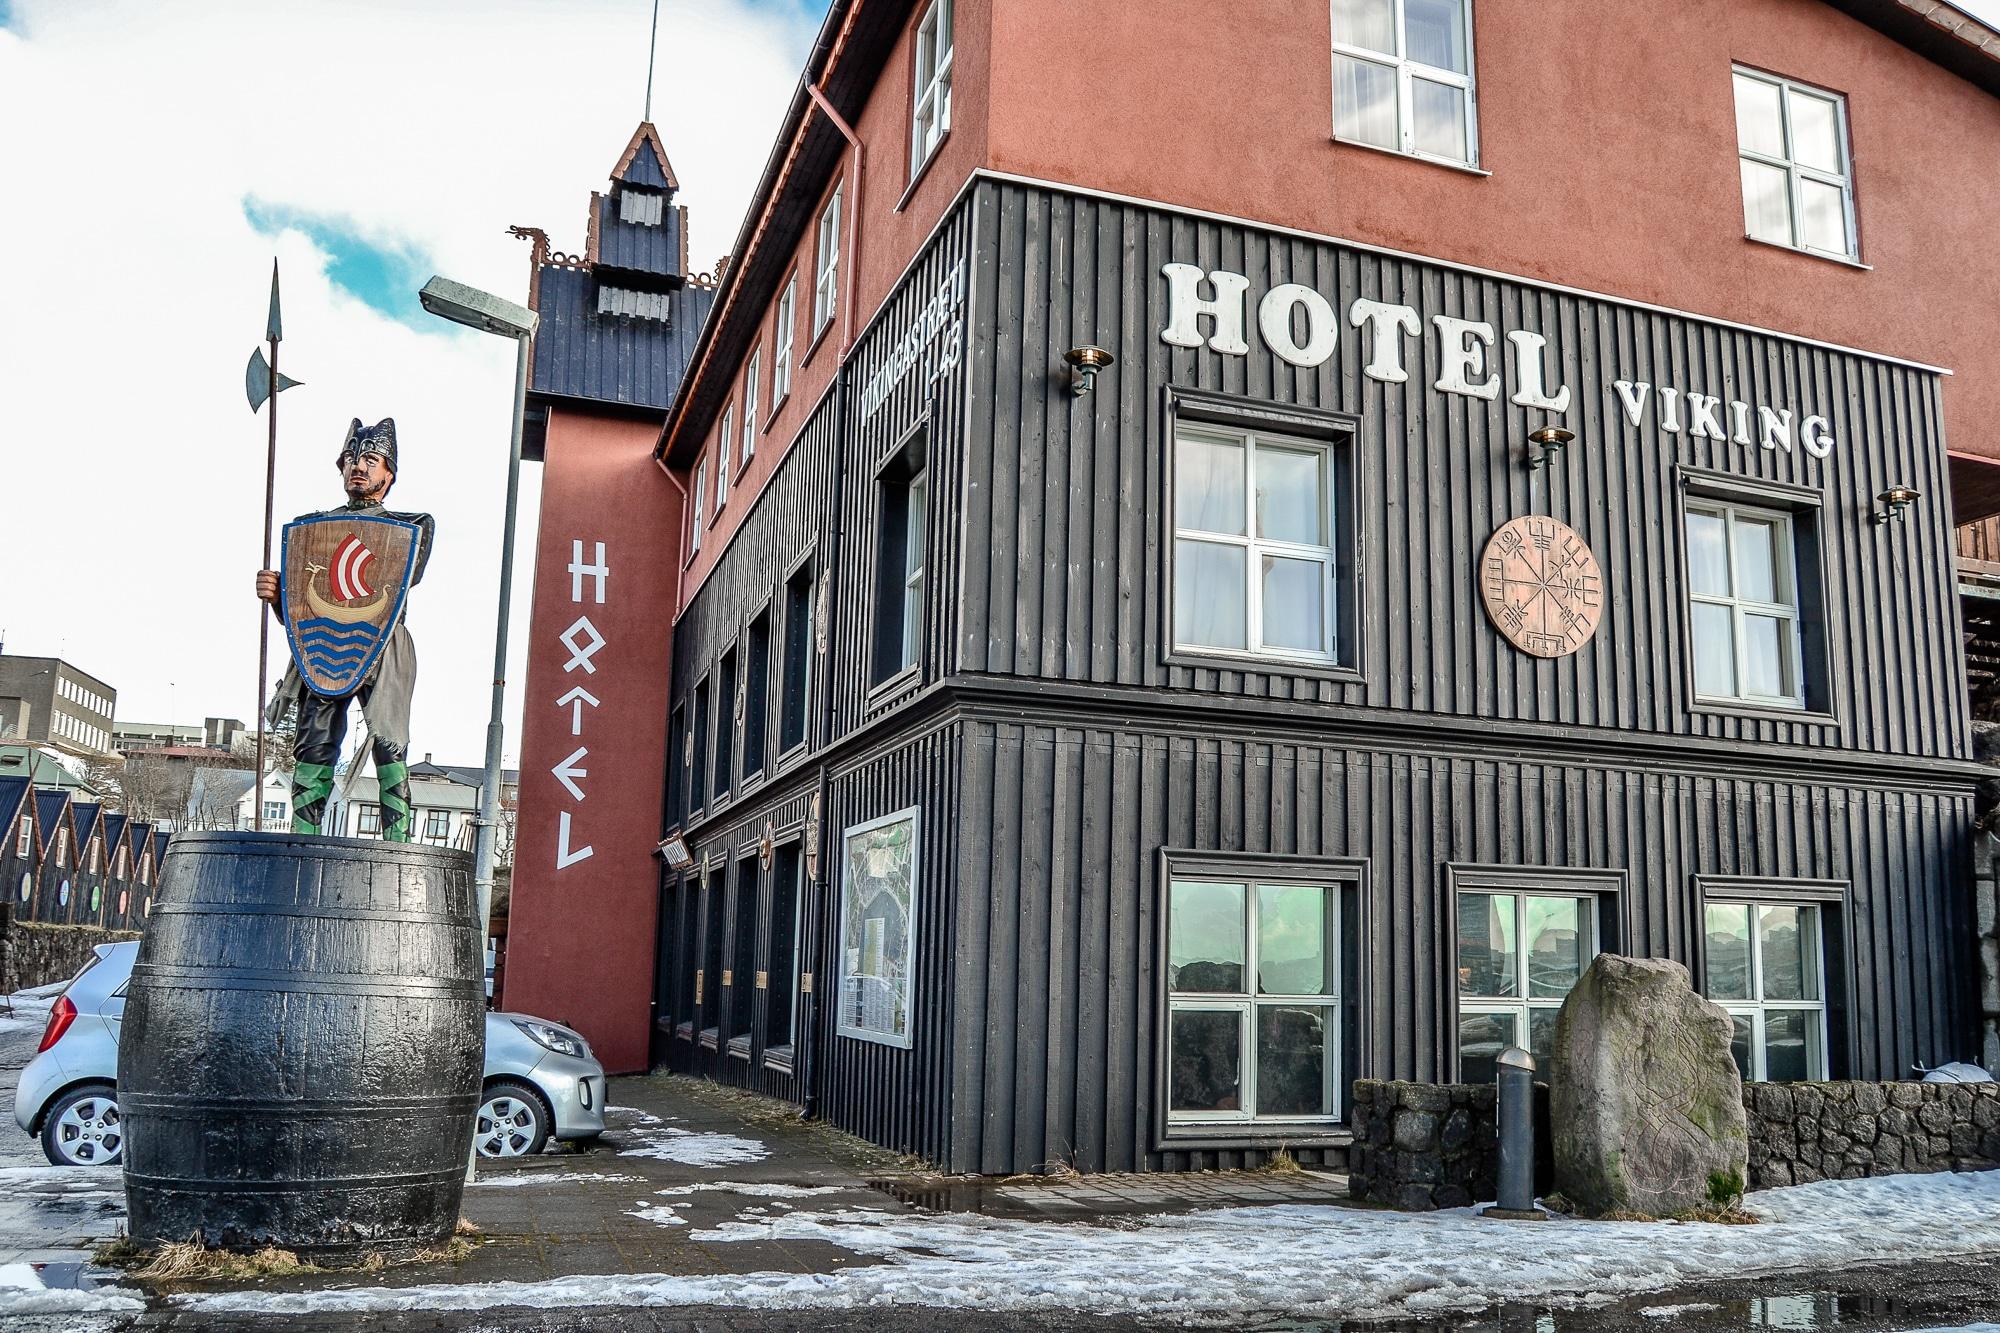 Erfahrungsbericht: Das Hotel Viking Village in Reykjavik, Island